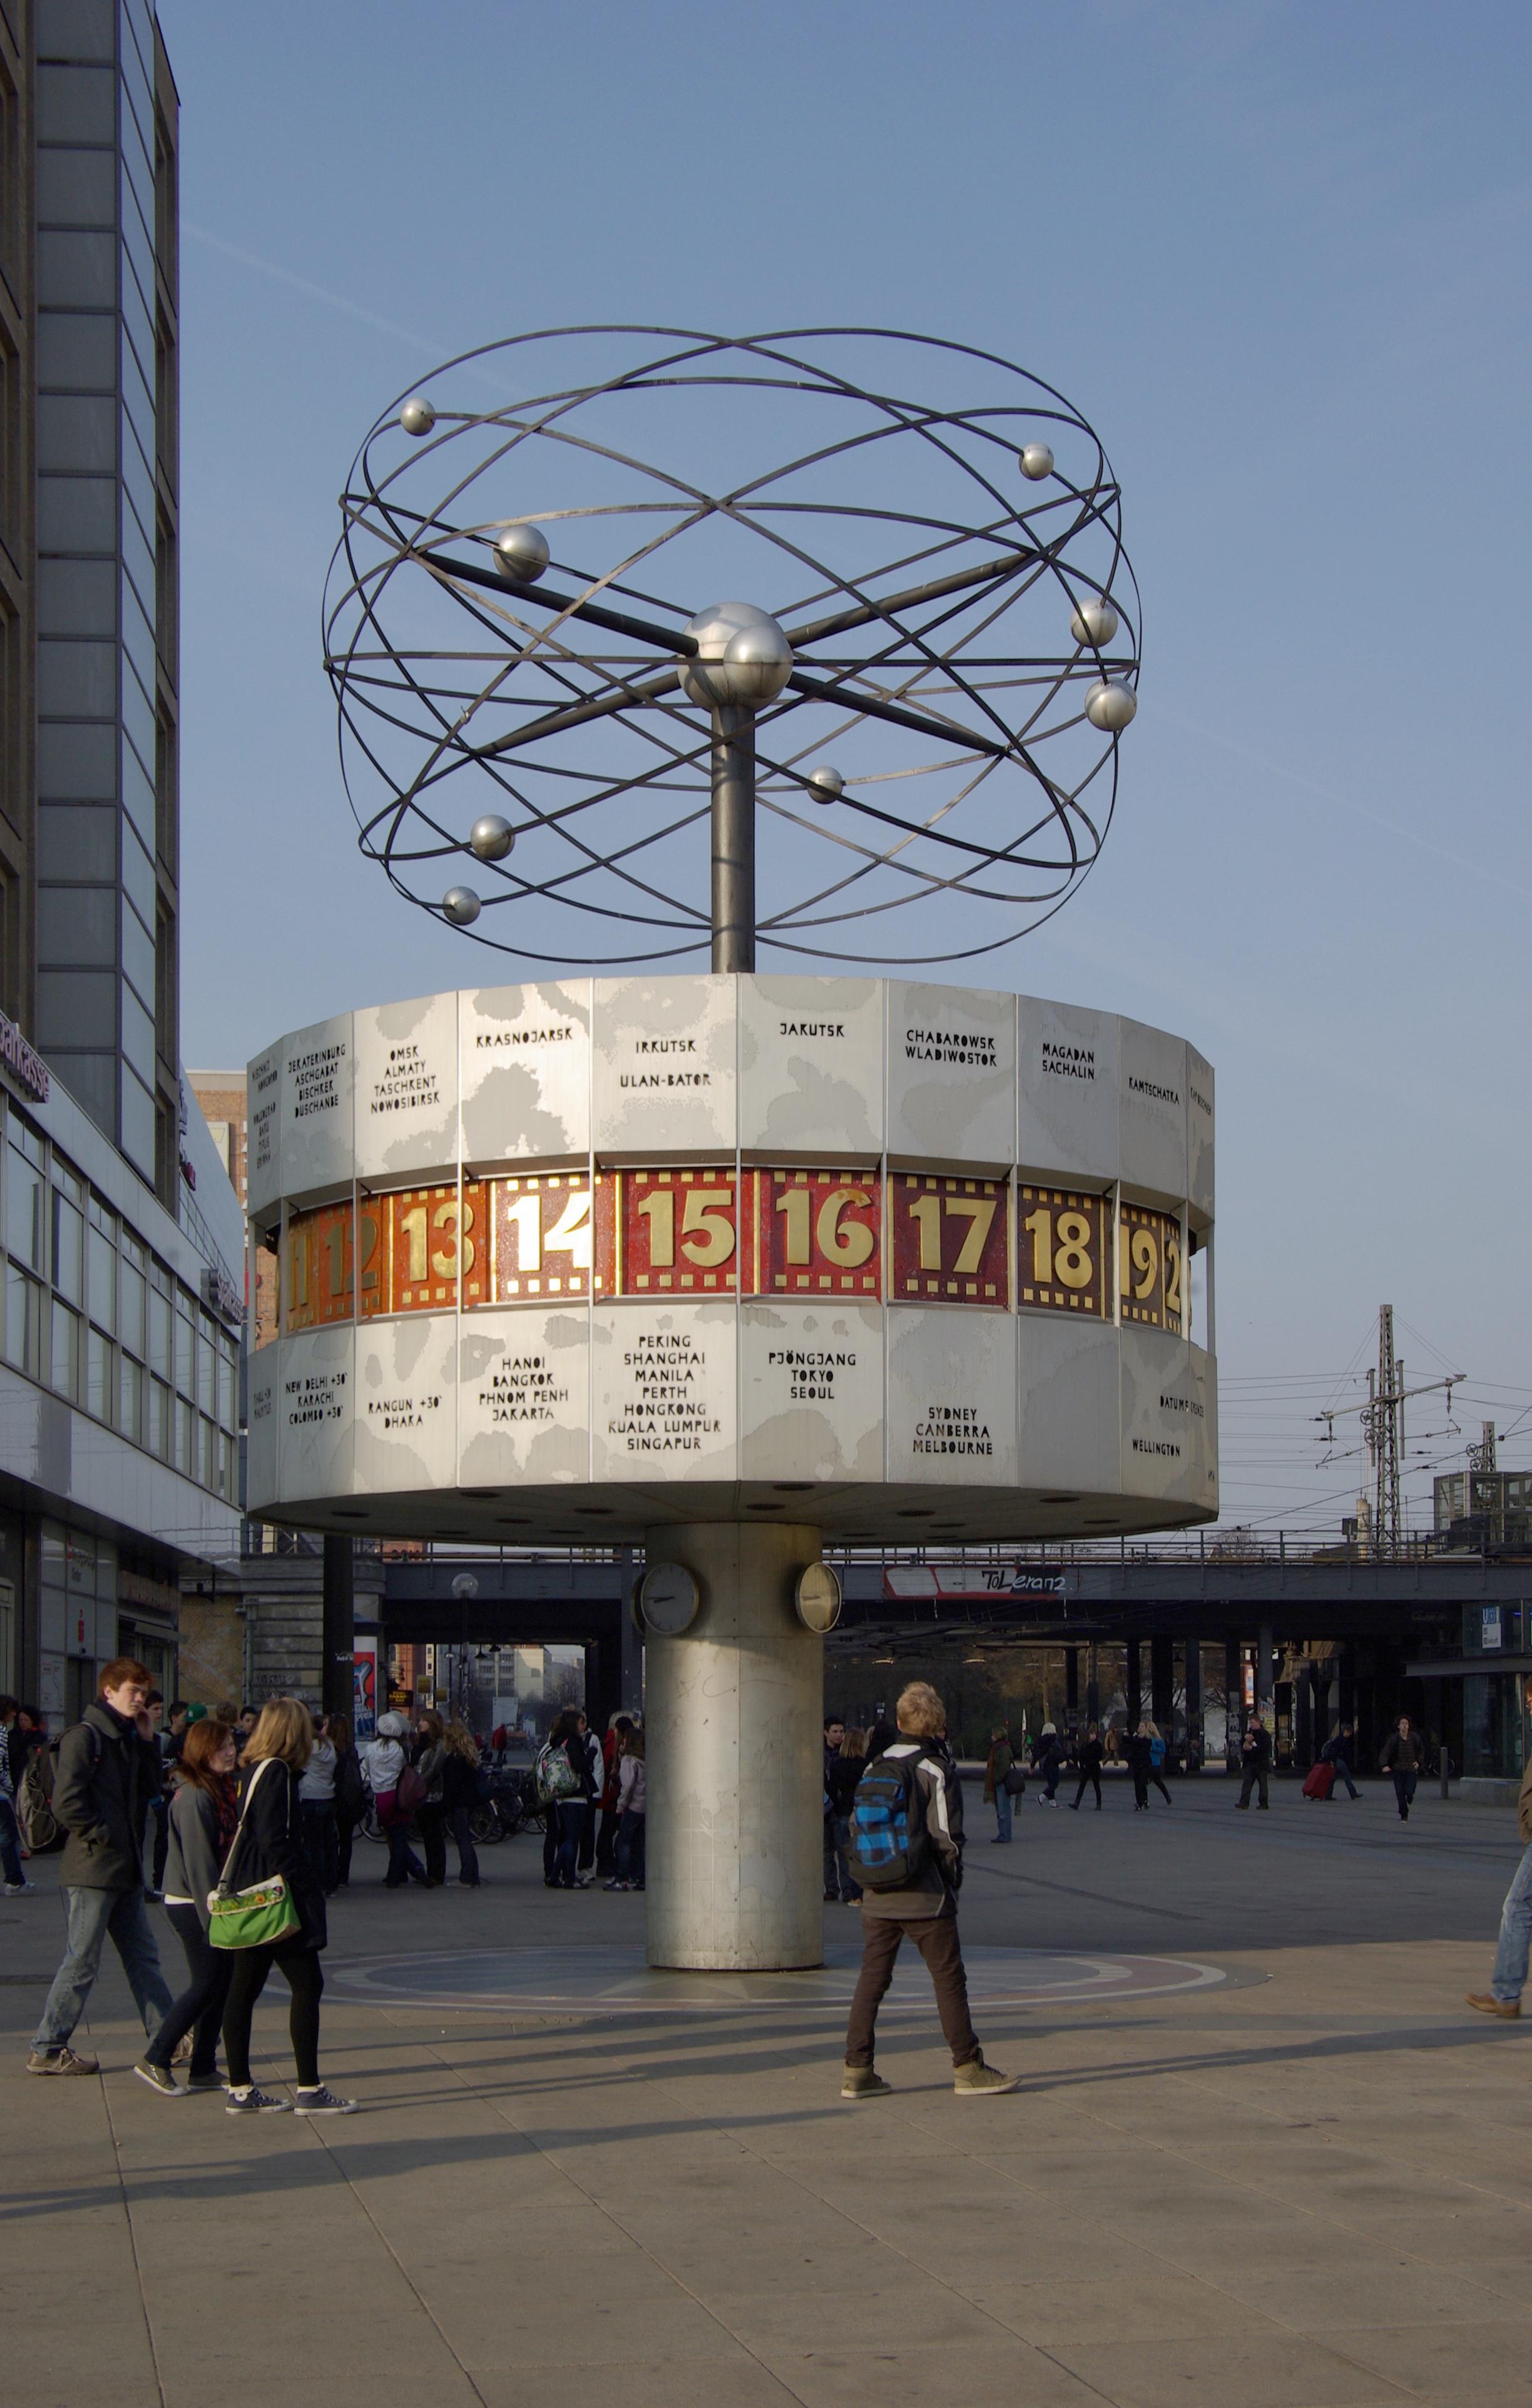 d6f5bf809940 Reloj - Wikipedia